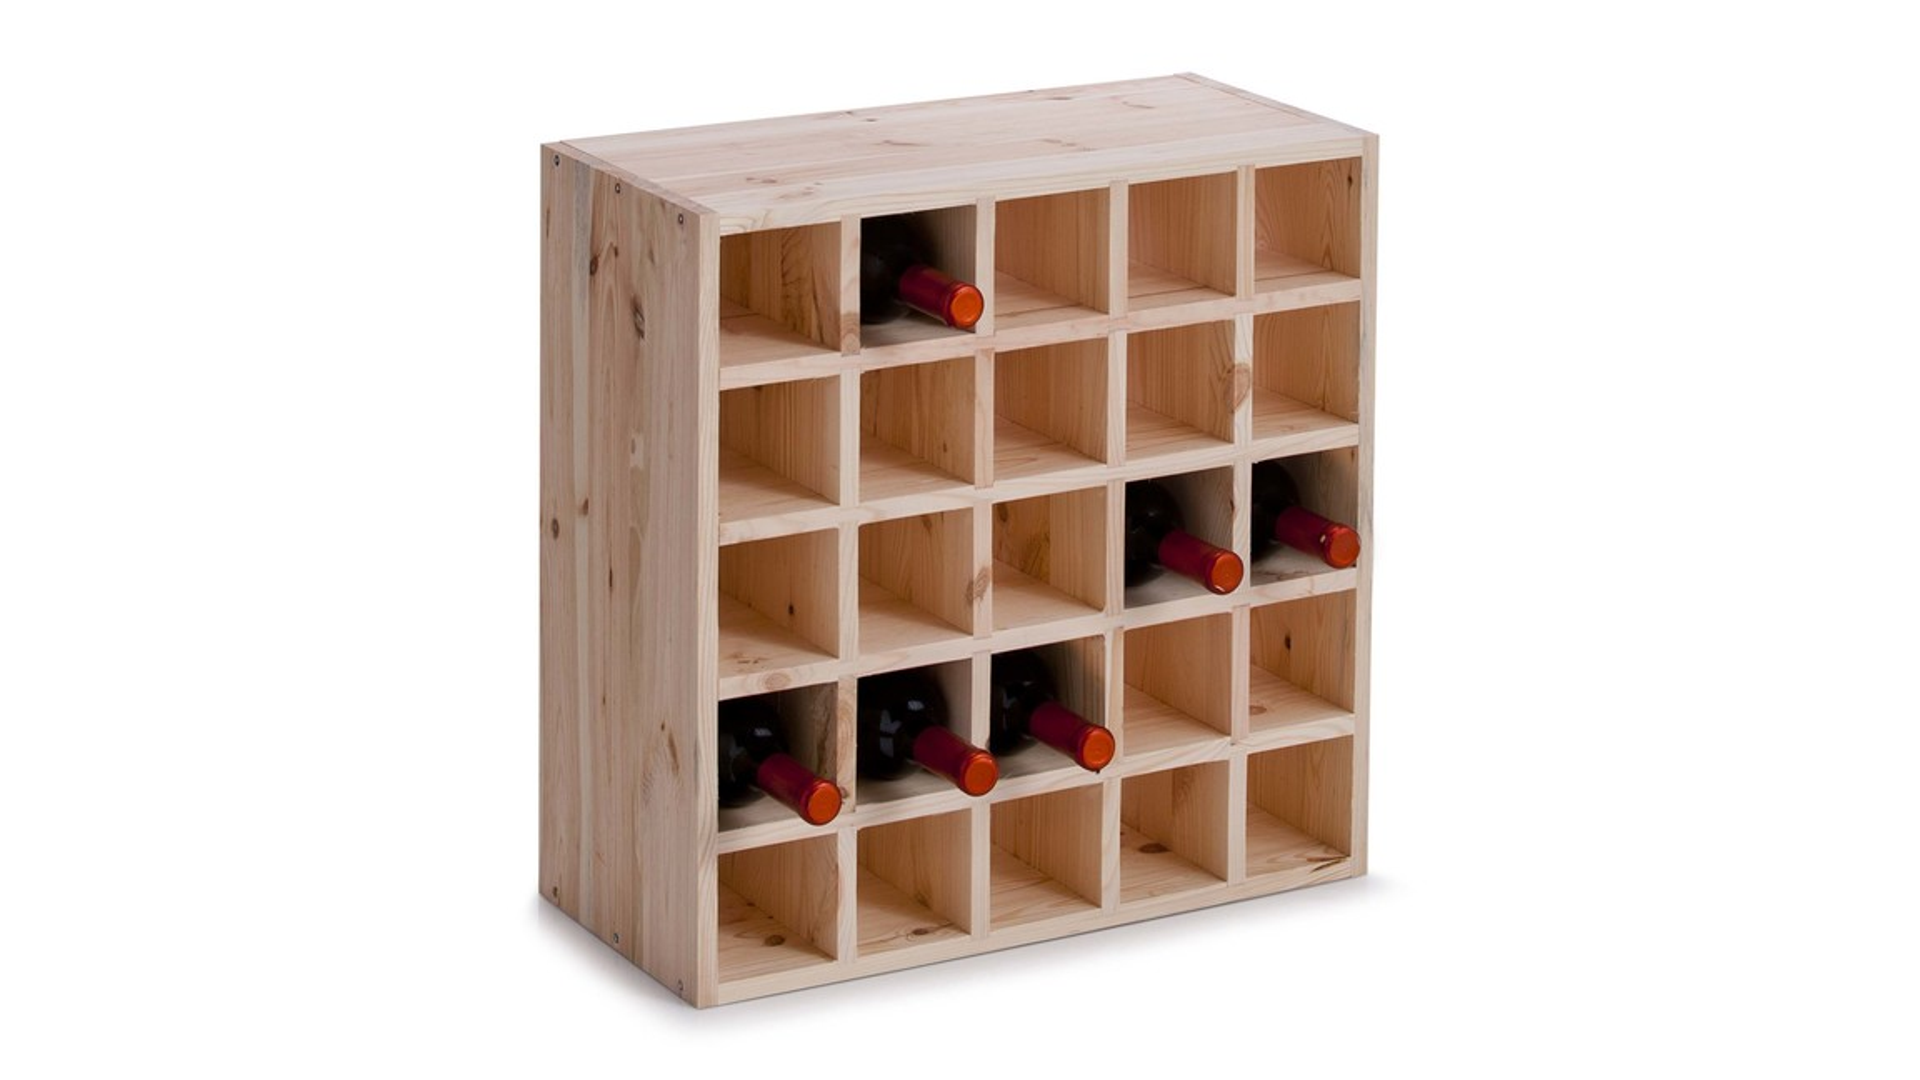 Weinregal, ein Holzregal im Bordeaux-Stil